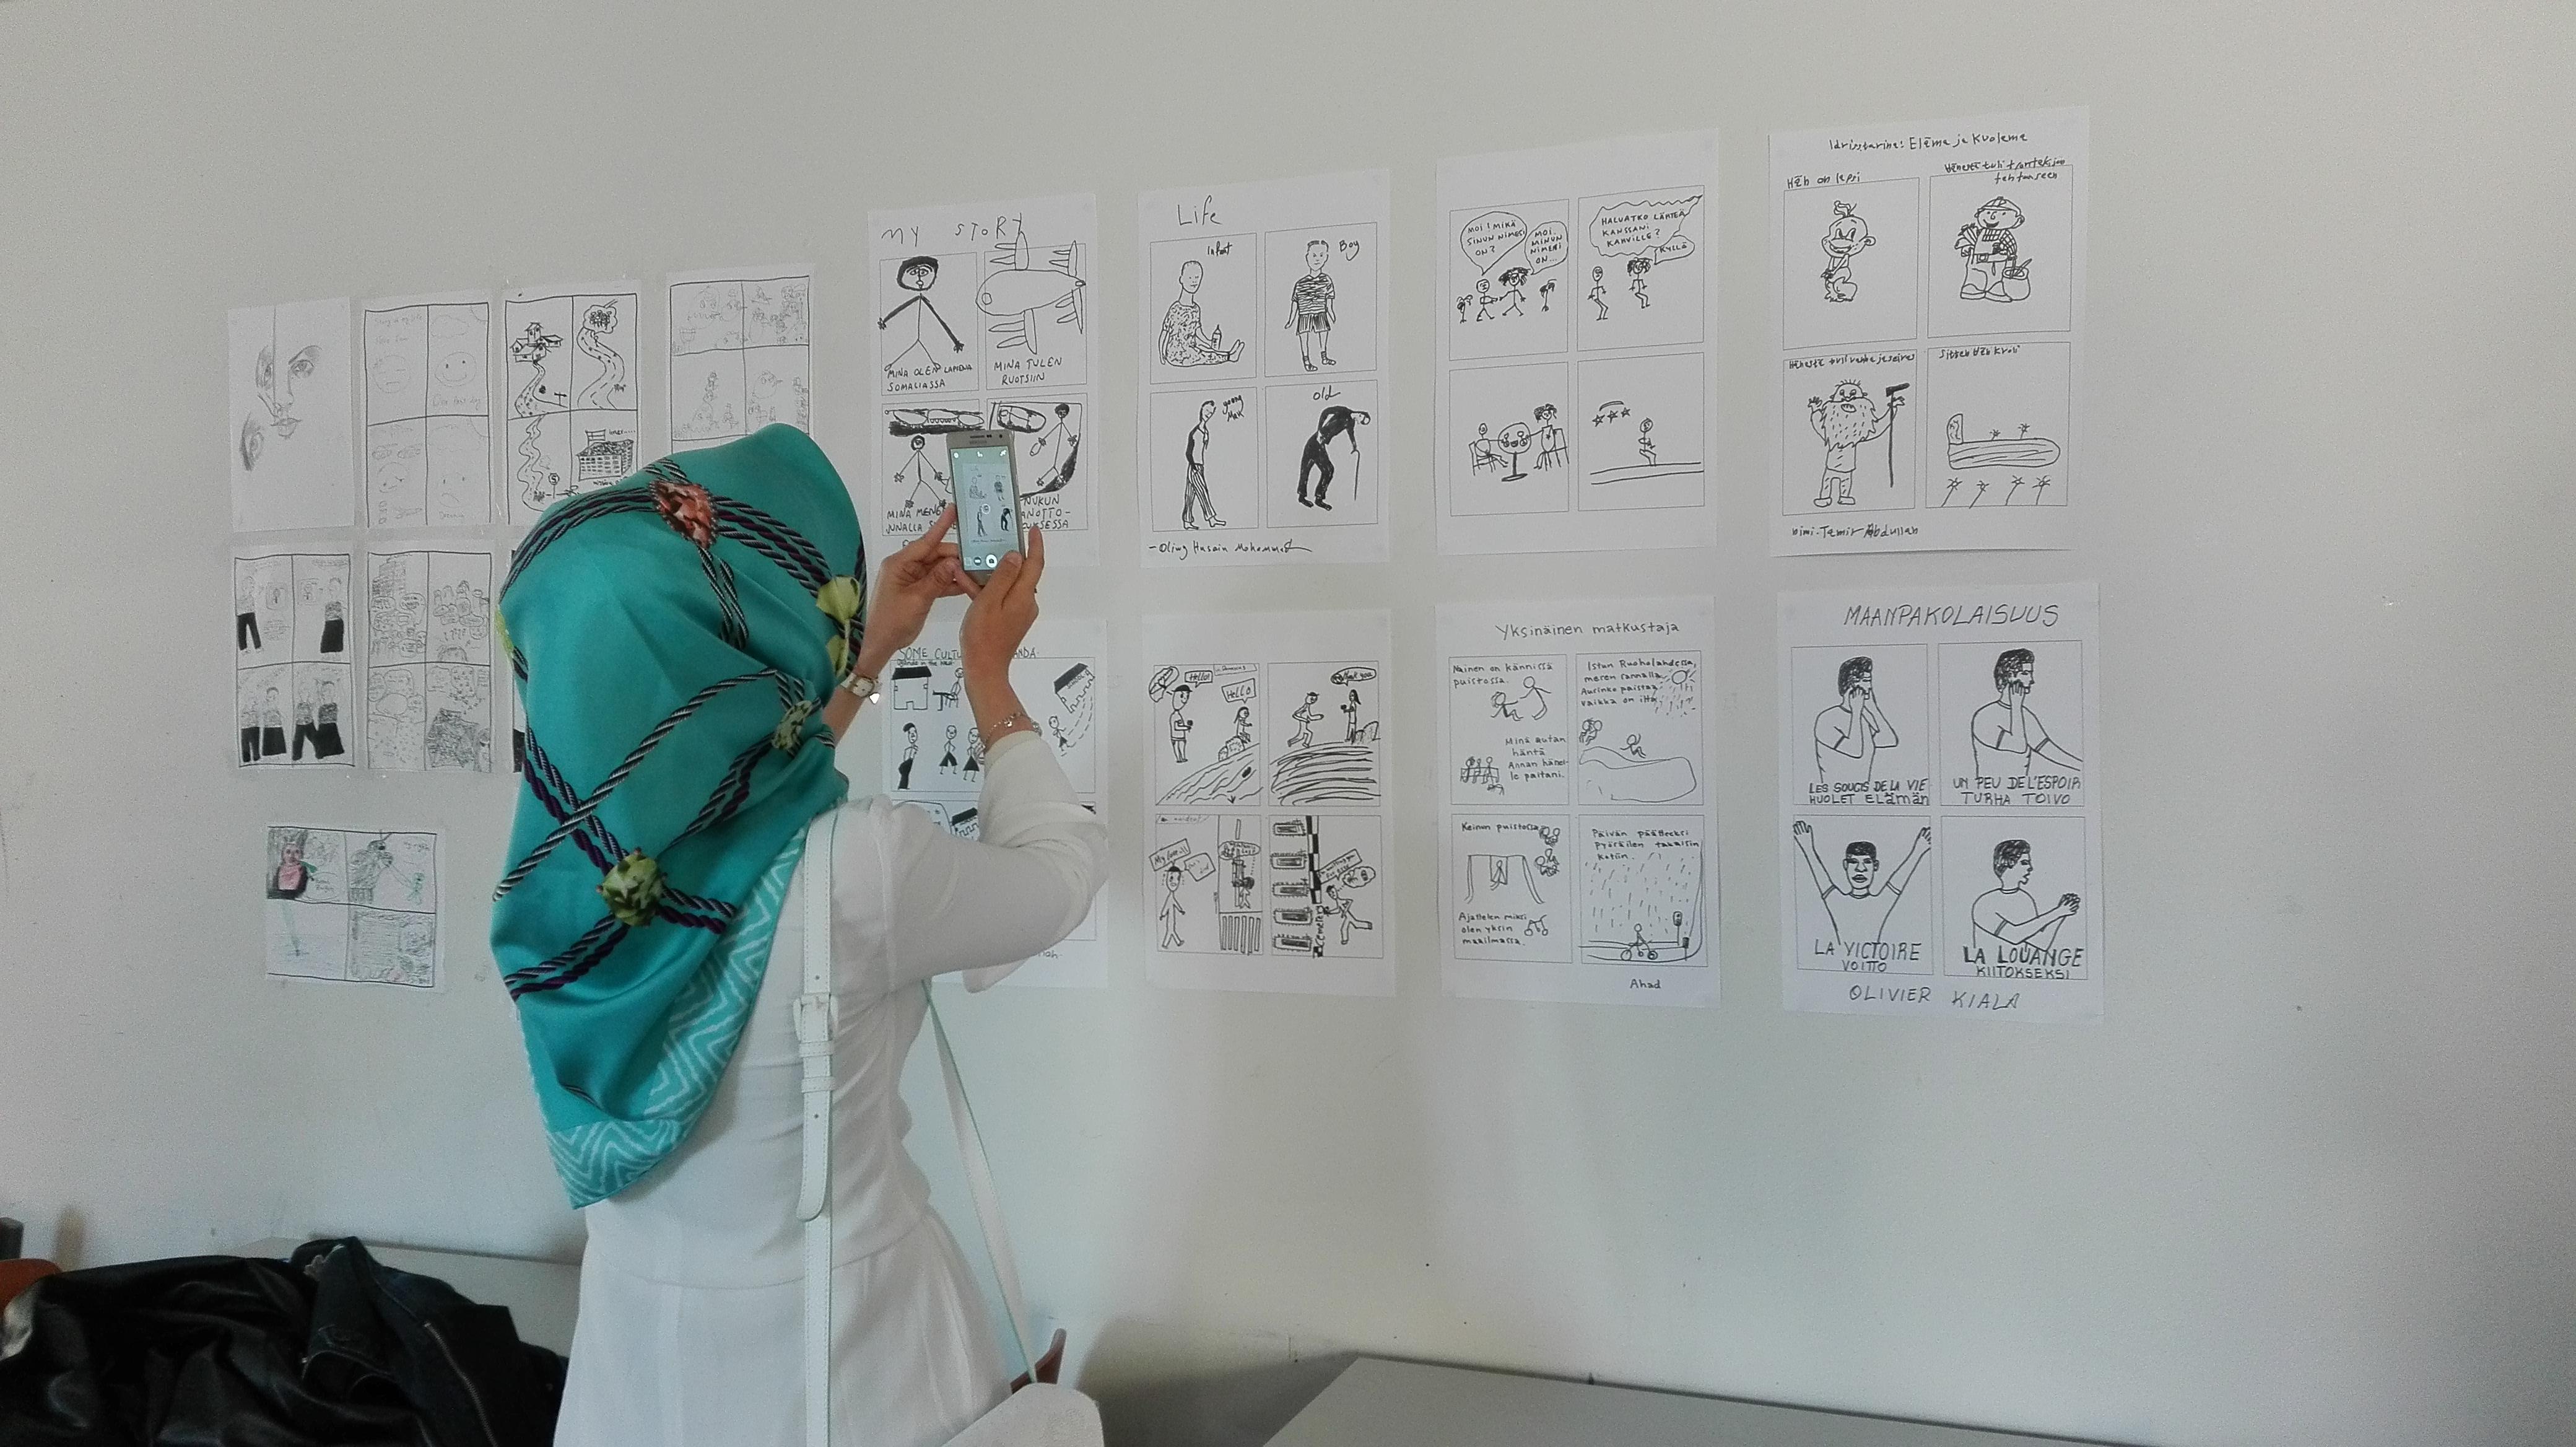 Syr – Round the Children, il progetto per l'inclusione di bambini rifugiati in Turchia